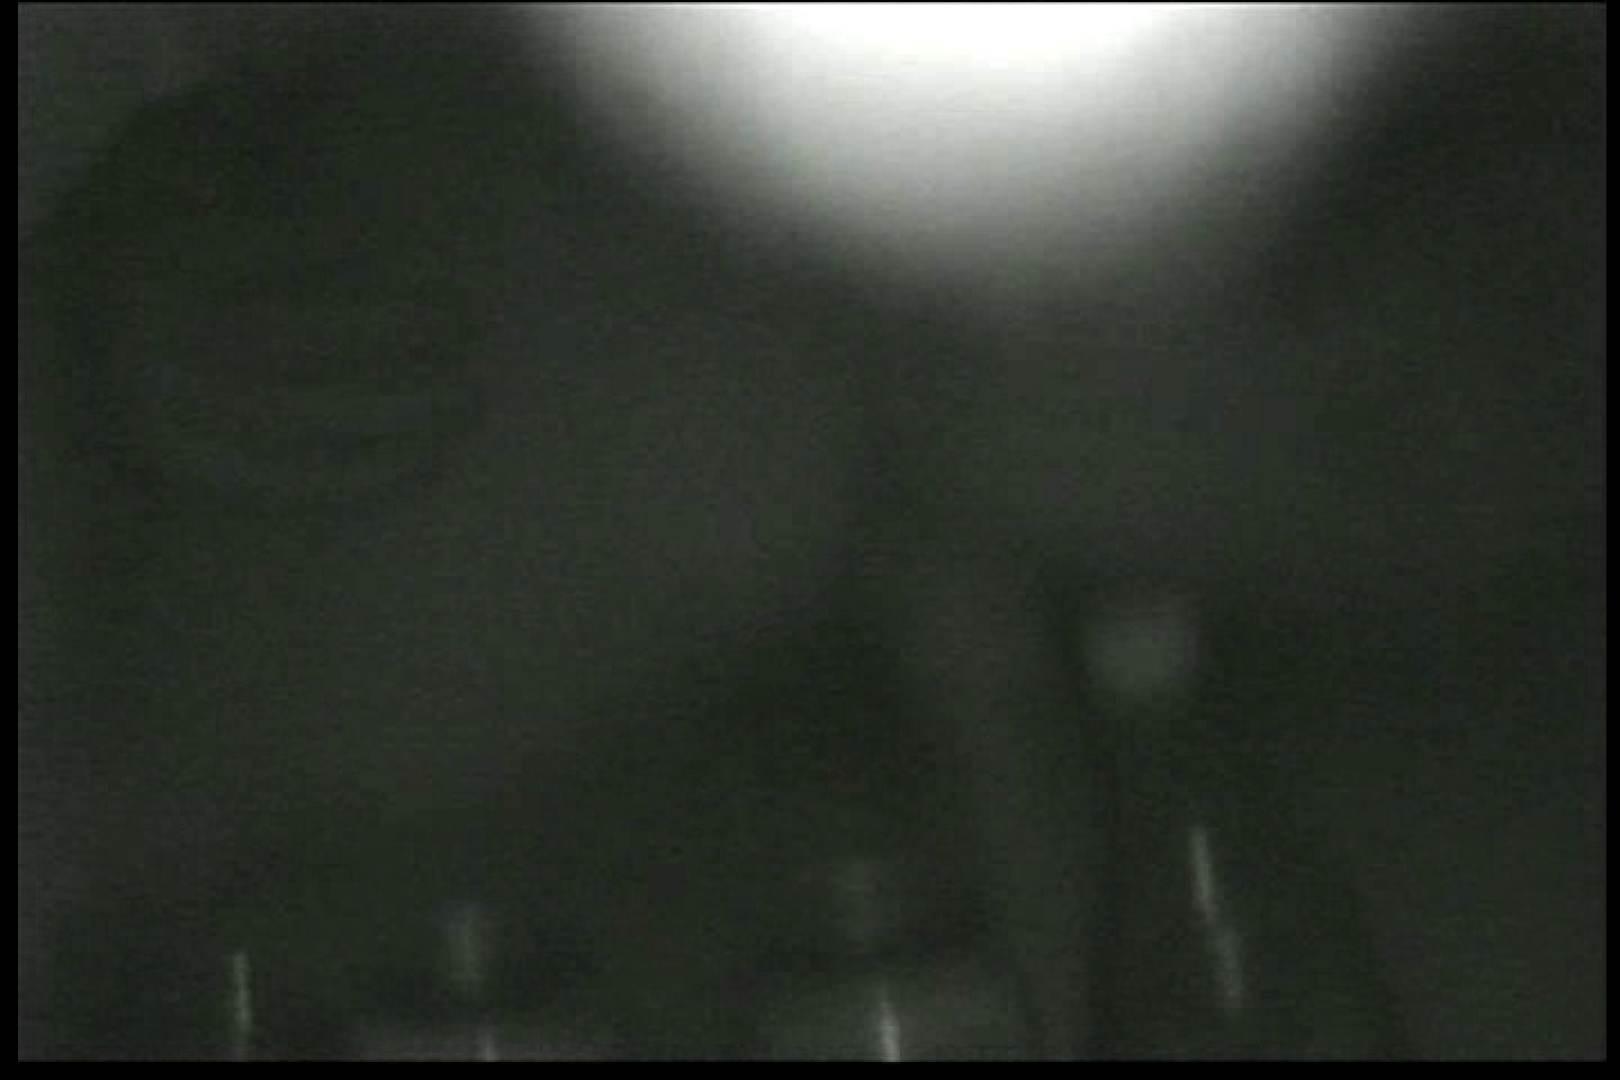 車の中はラブホテル 無修正版  Vol.12 エッチなセックス 盗撮動画紹介 93画像 91